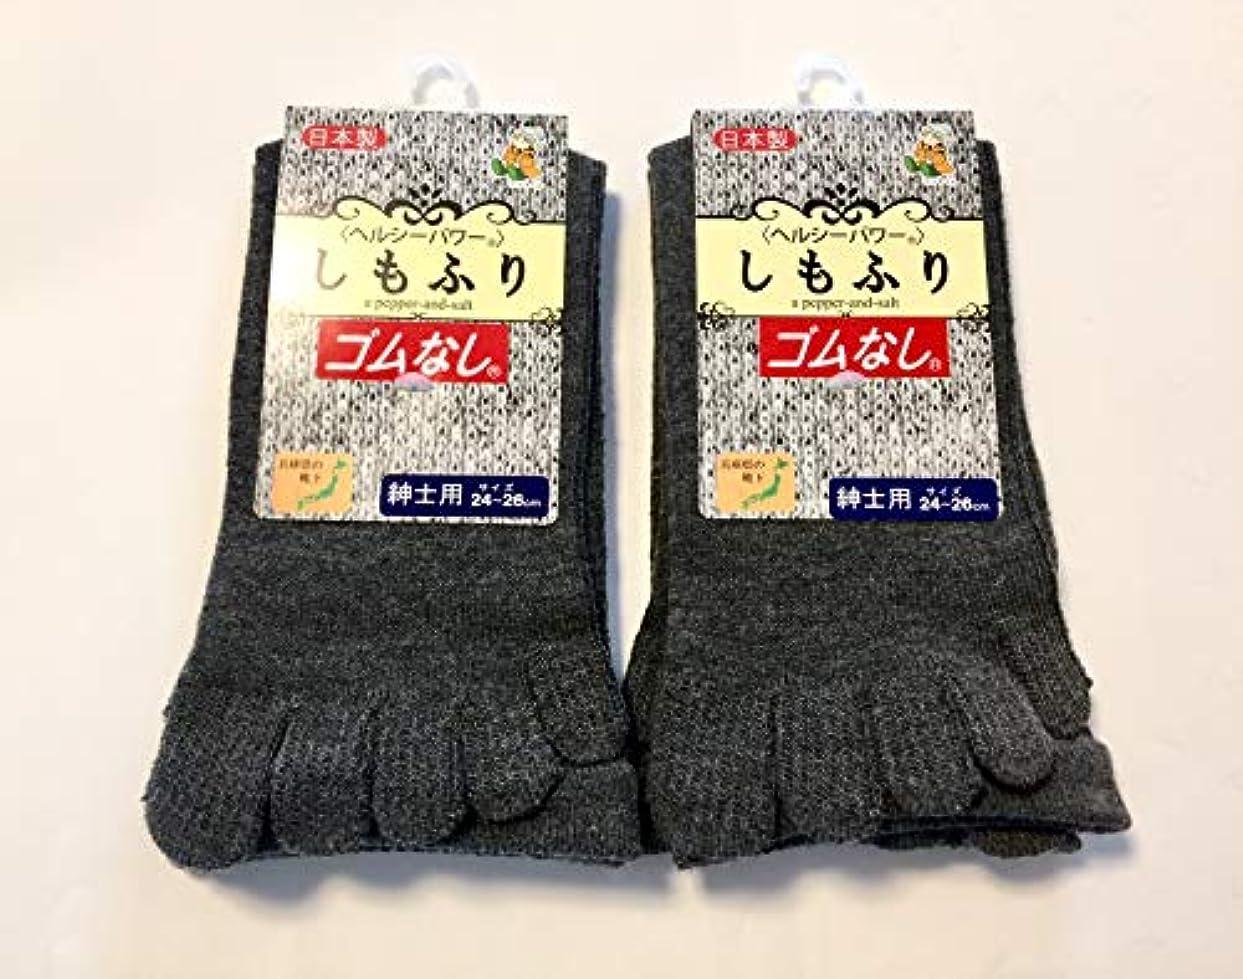 ところで示す地元日本製 5本指ソックス メンズ 口ゴムなし しめつけない靴下 24~26cm チャコール2足組